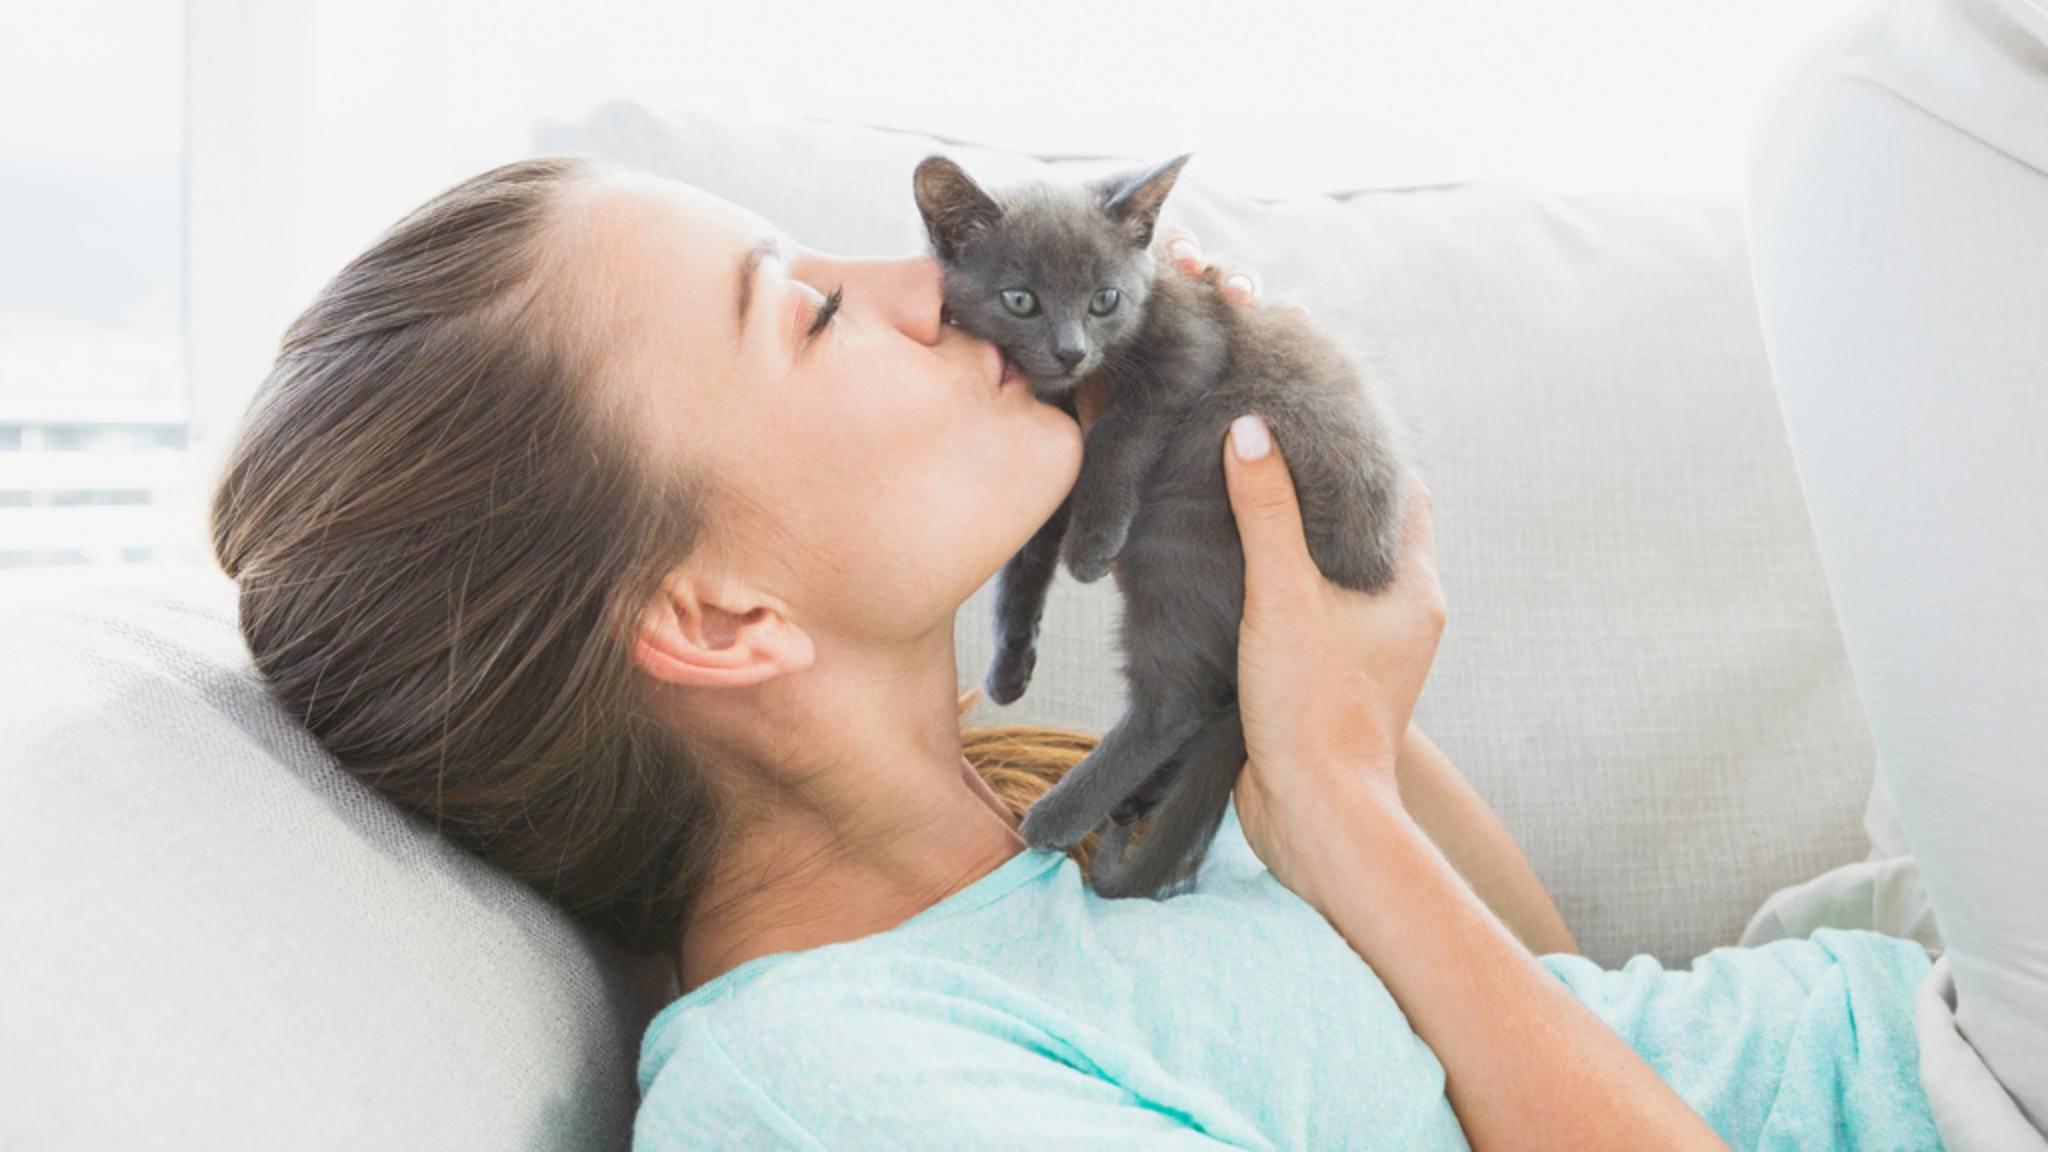 Es darf weiter geschmust werden: Eine Studie zeigt, dass Katzen den Kontakt mit Menschen mögen.